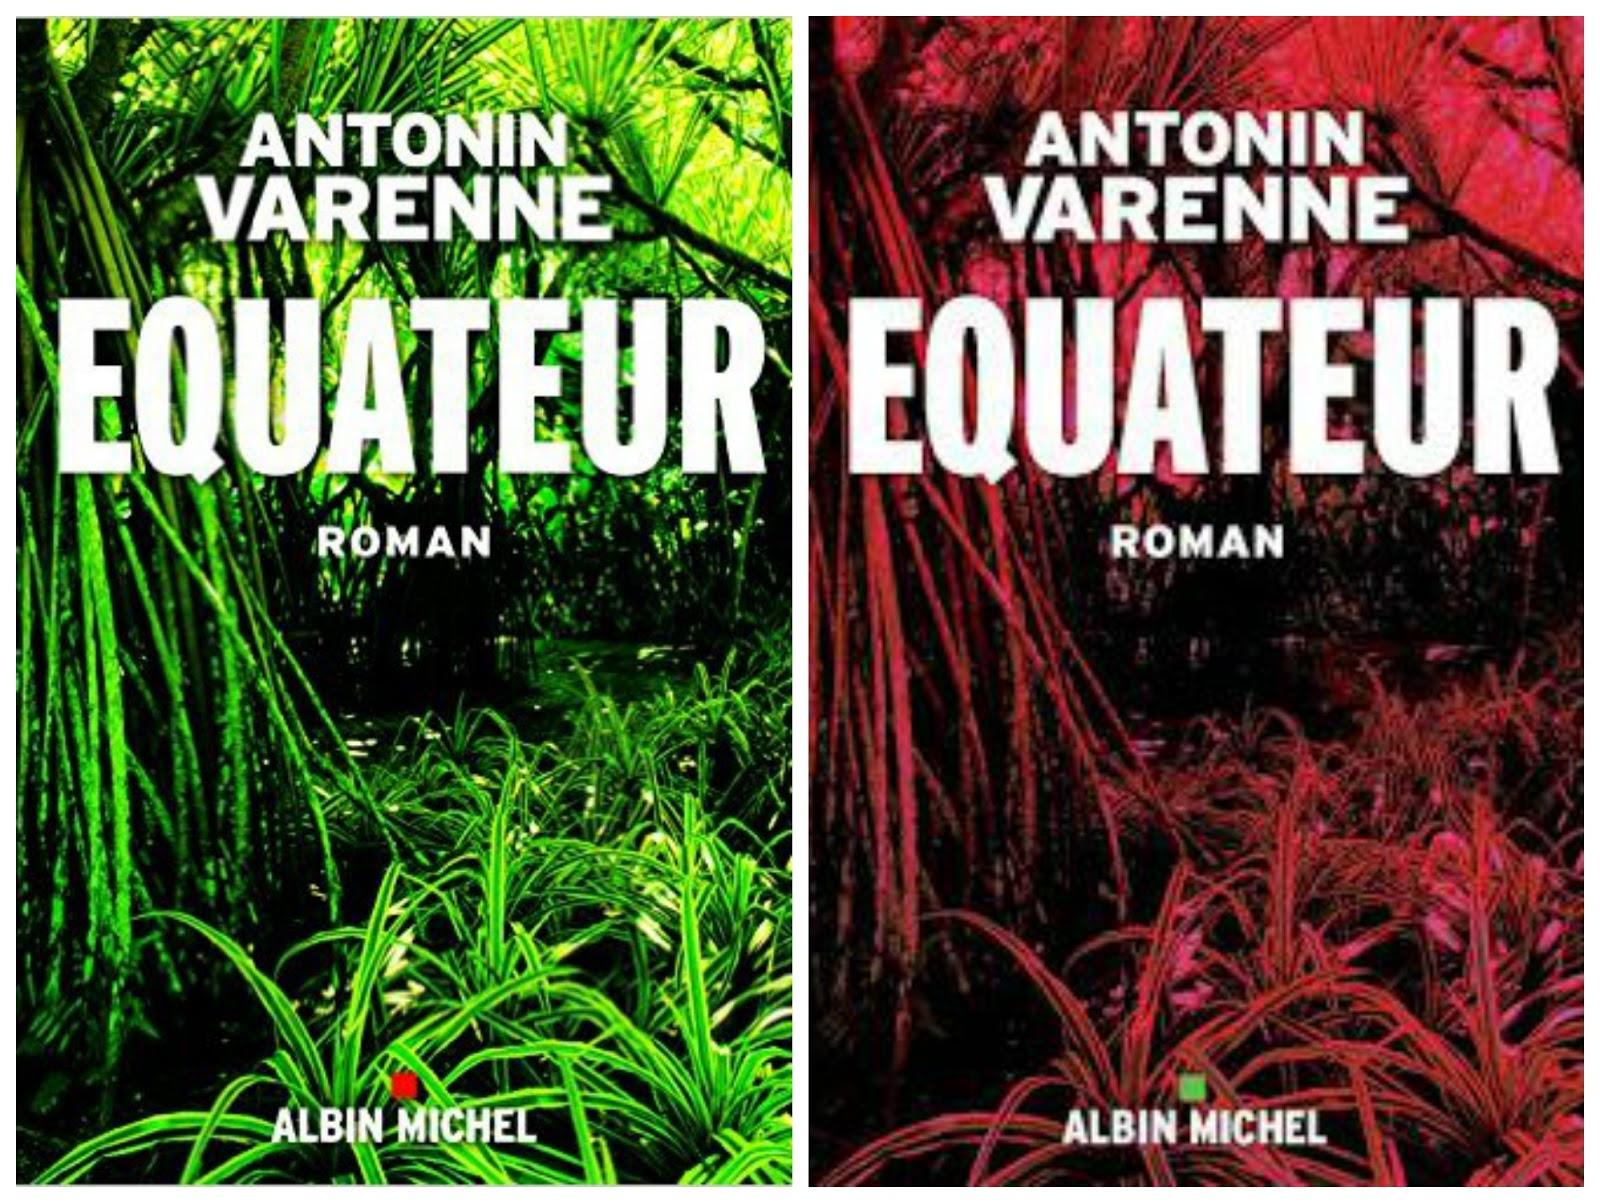 Equateur - Antonin Varenne